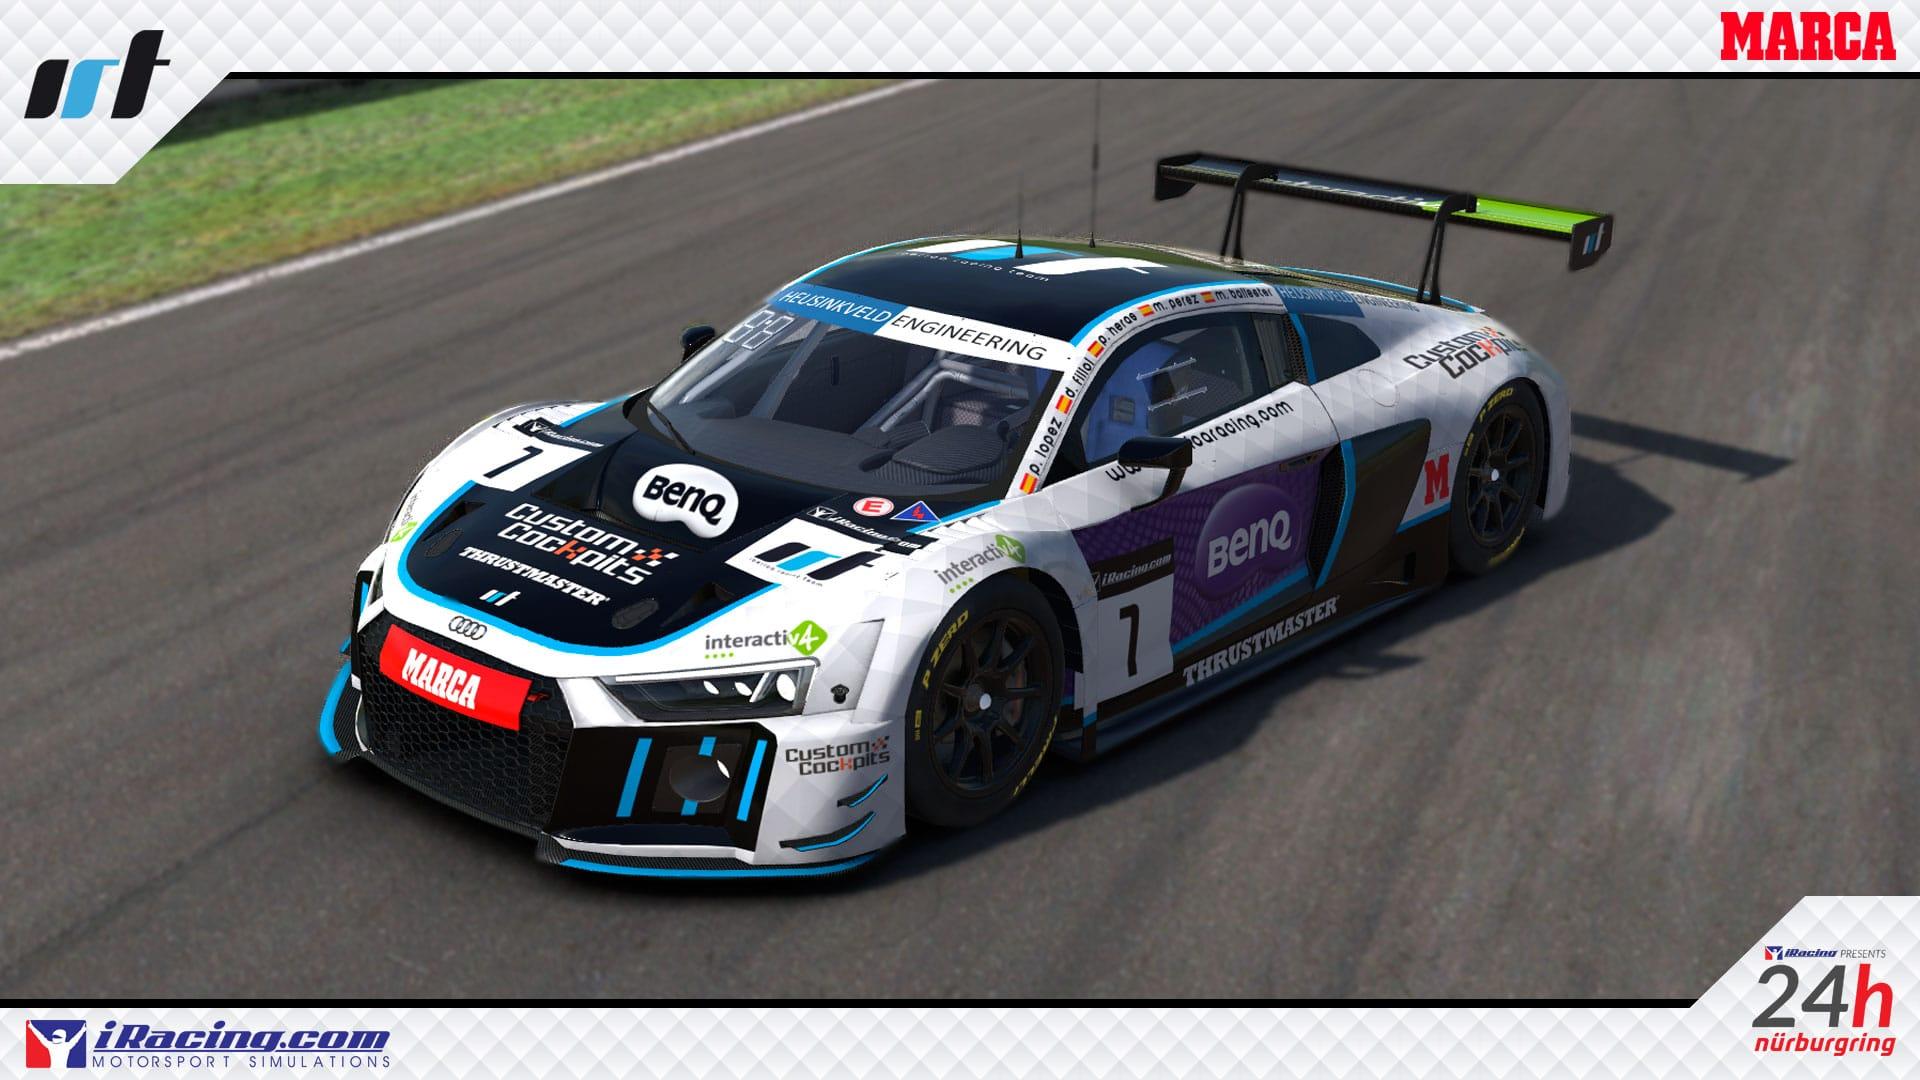 irt_24h_nurburgring_press